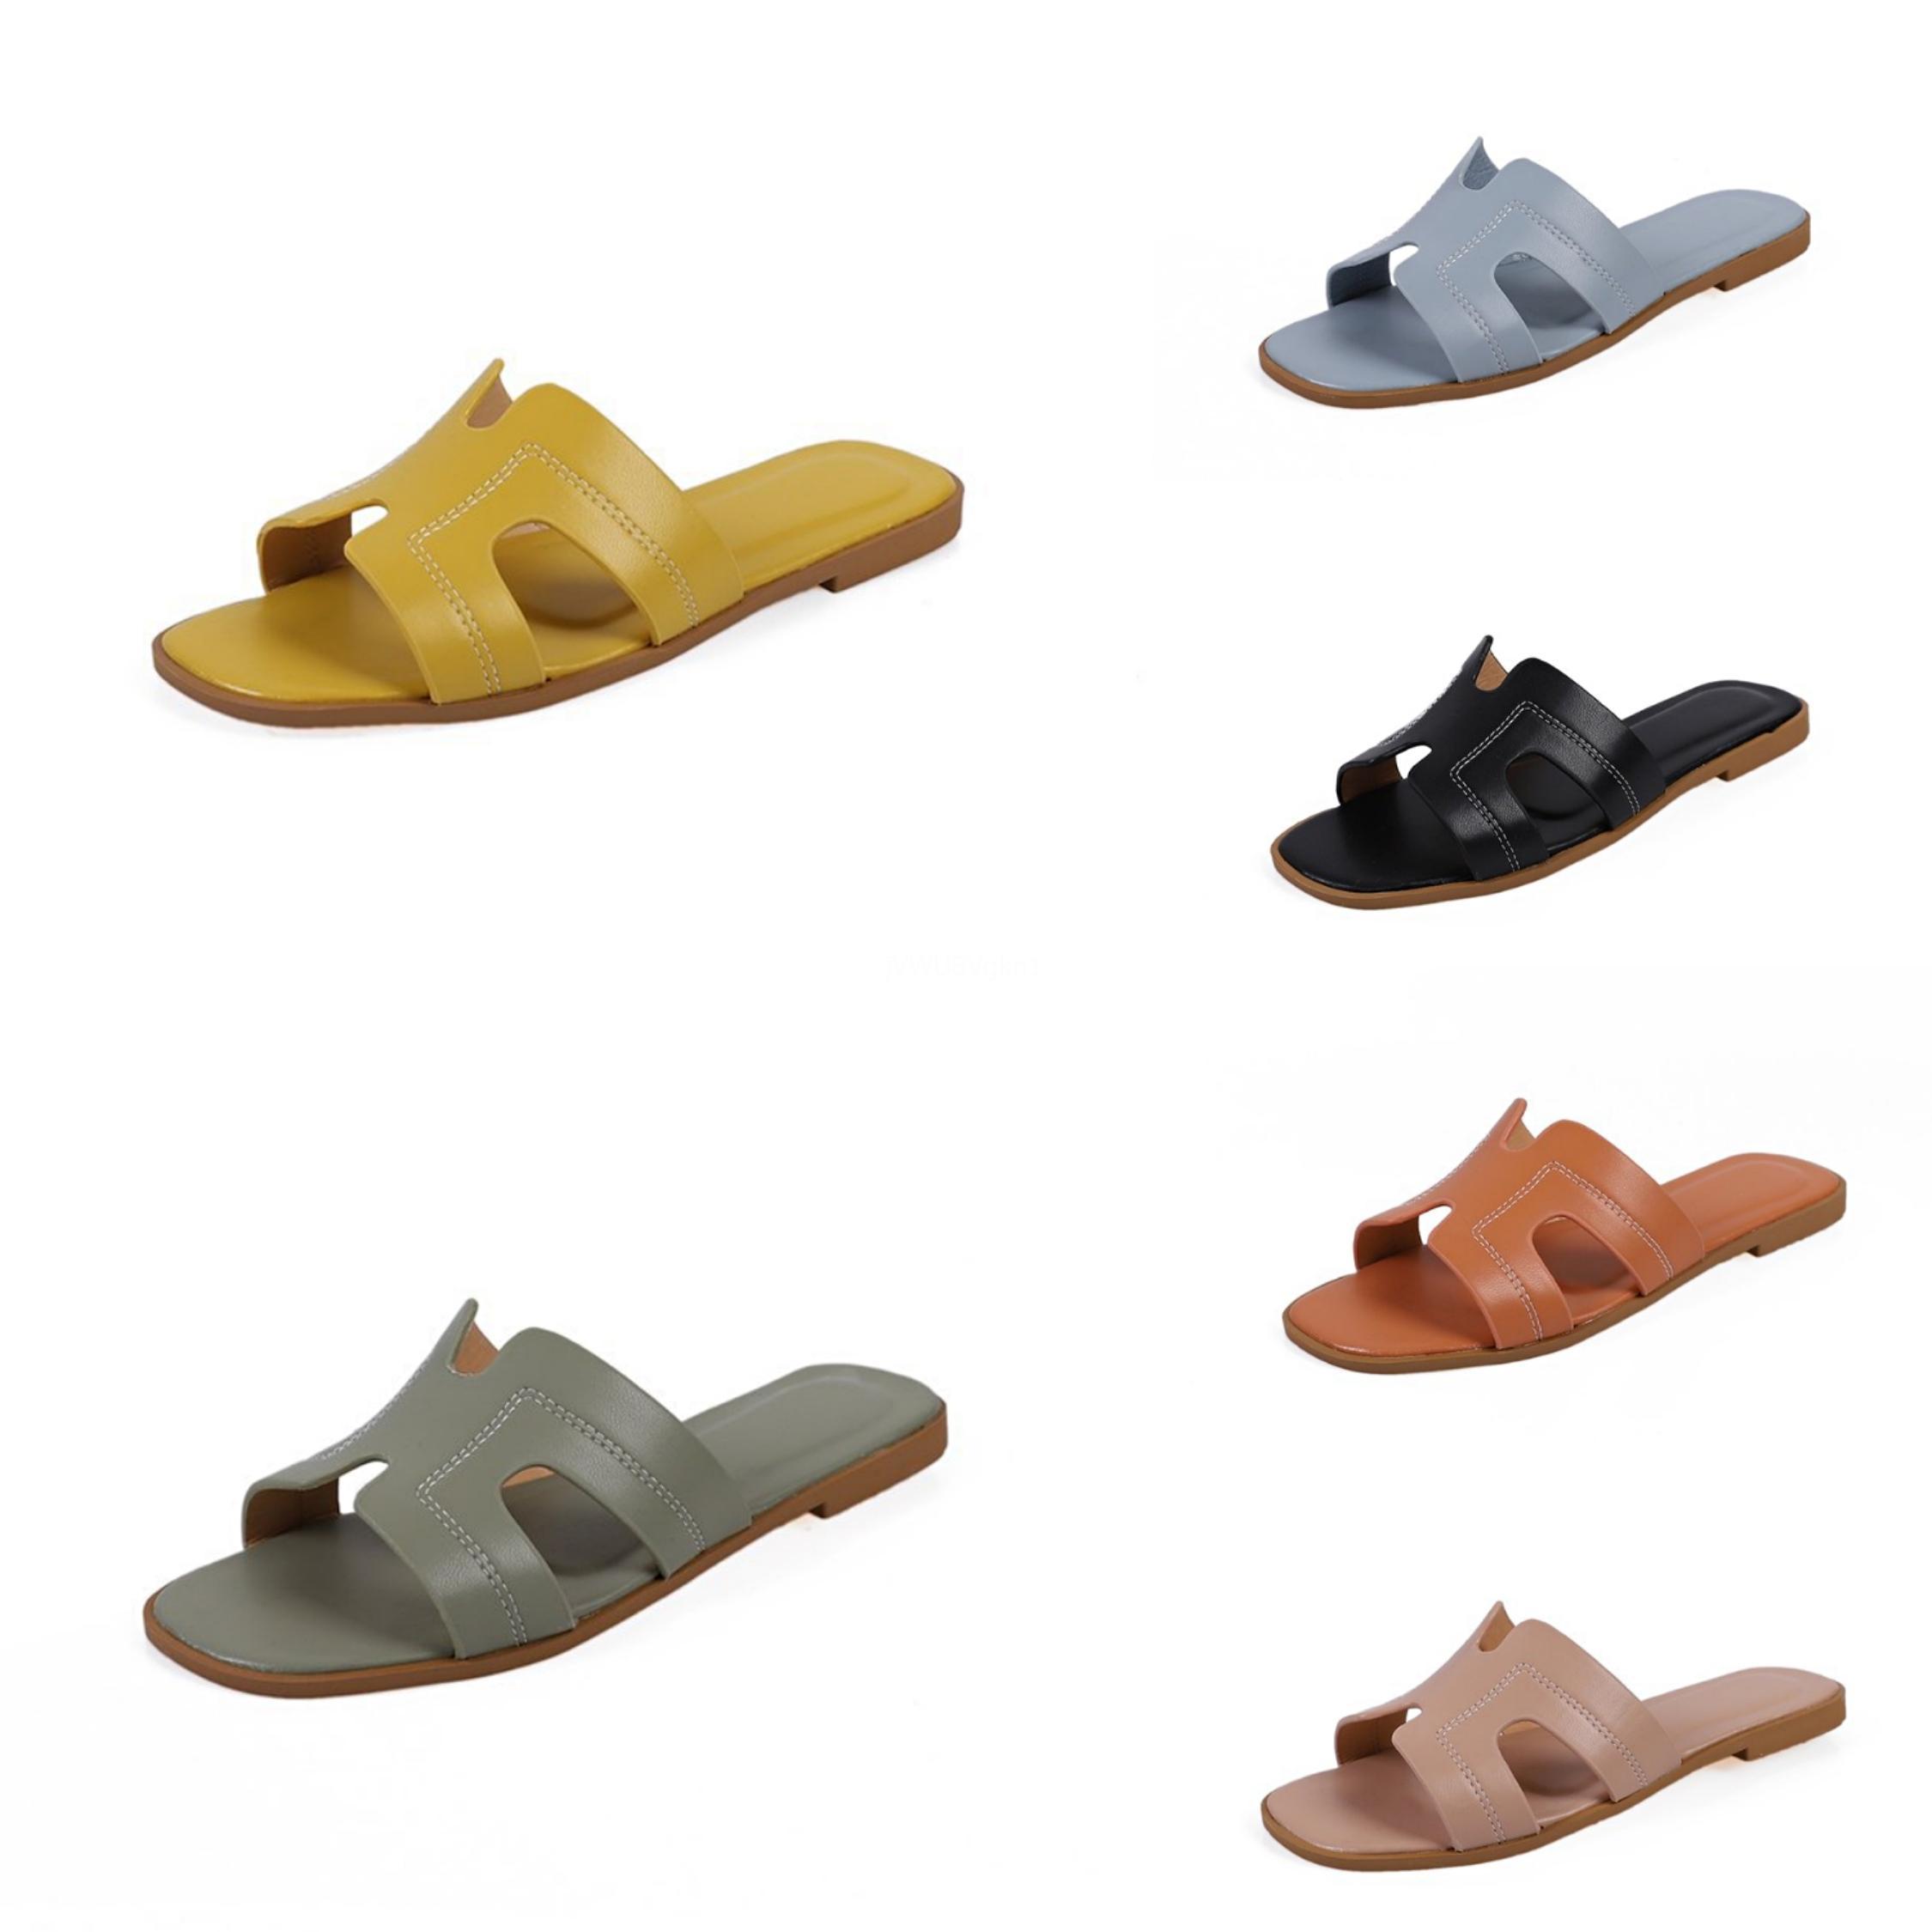 Moda Verano 2020 tobillo de las mujeres de la plataforma Strrap Zapatillas Plaza de los tacones altos Imprimir partido de boda atractivo zapatos de las señoras Zapatos De Mujer D01 # 981